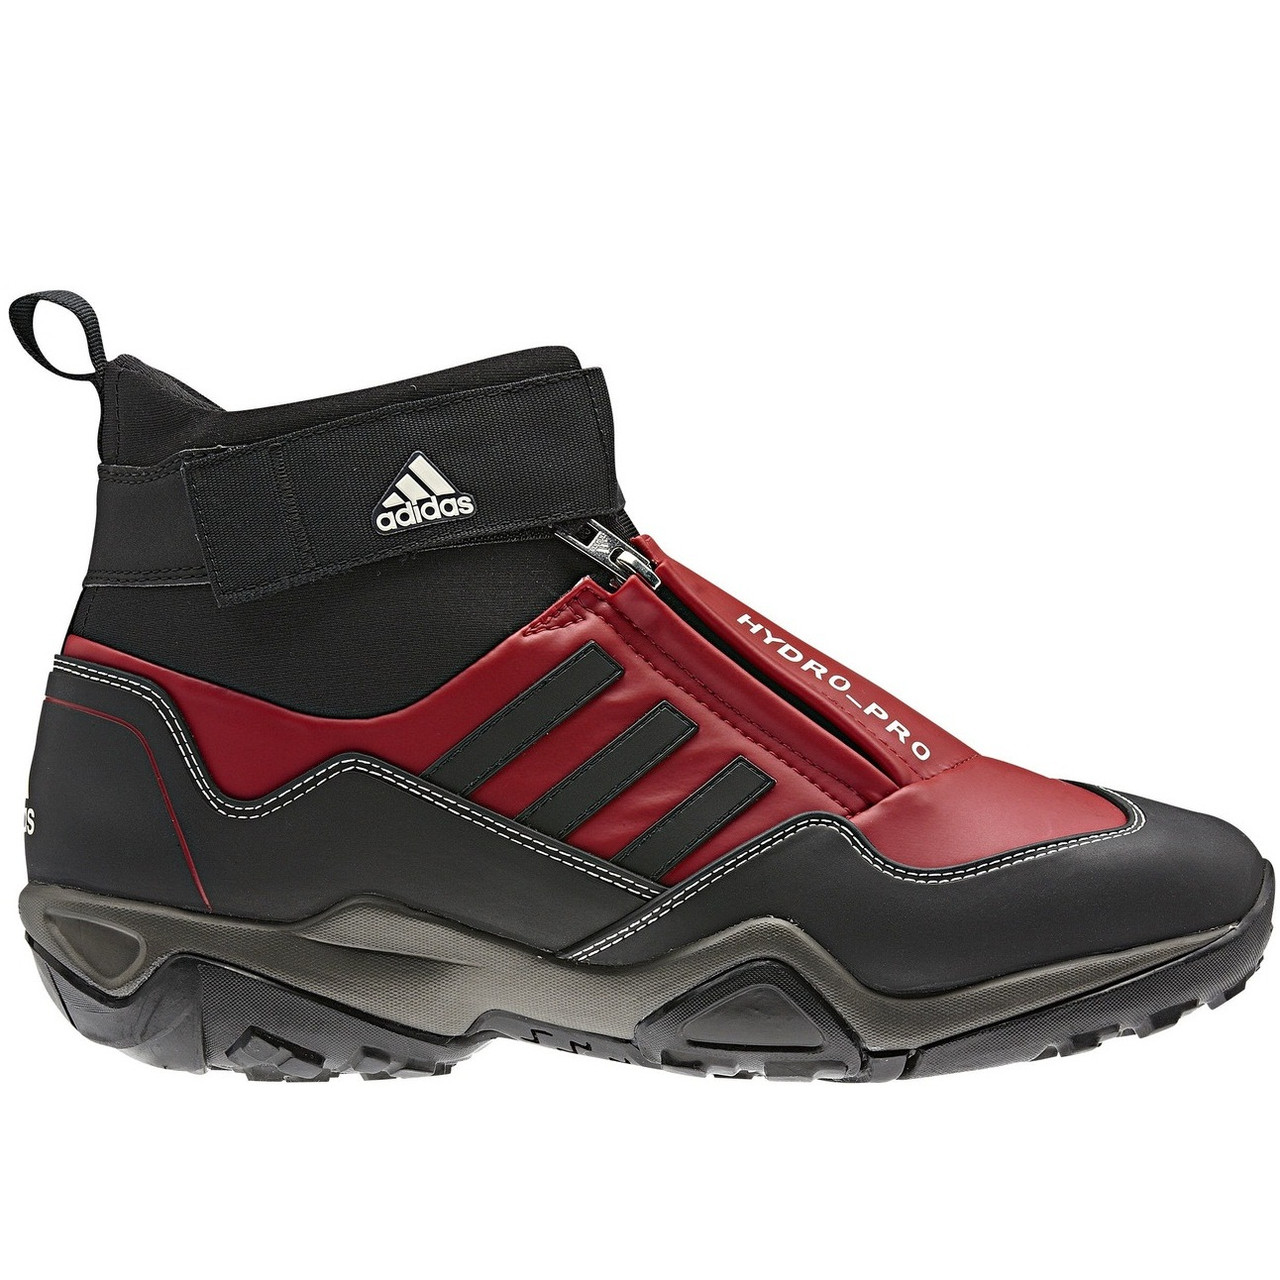 Ботинки мужские adidas Hydro Pro G46736 (красные, зимние, туристические, водонепроницаемые, бренд адидас)